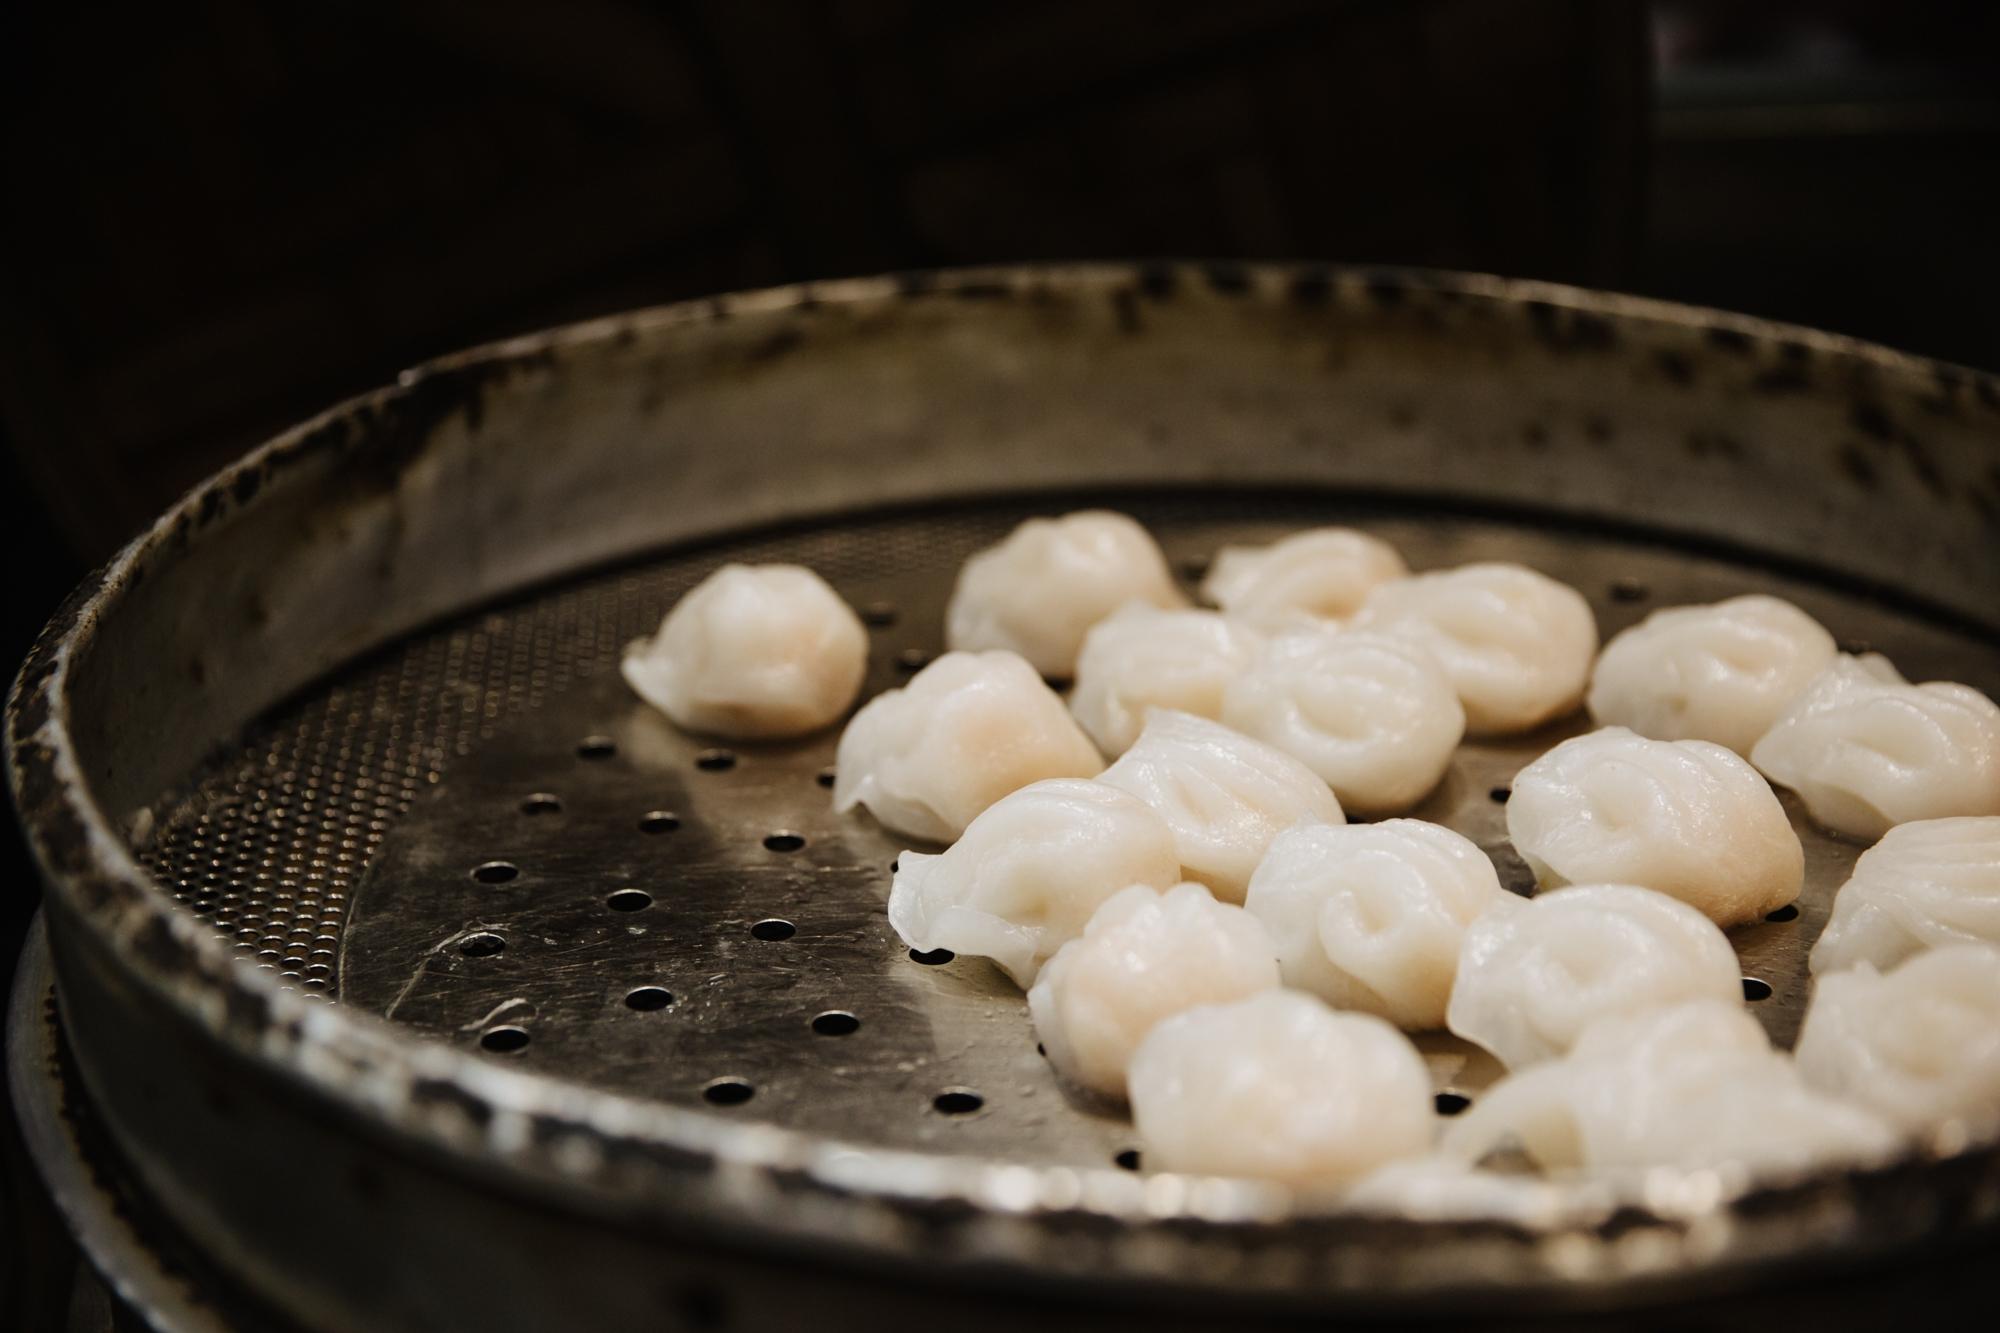 Fresh har gow (shrimp dumplings) in the steamer